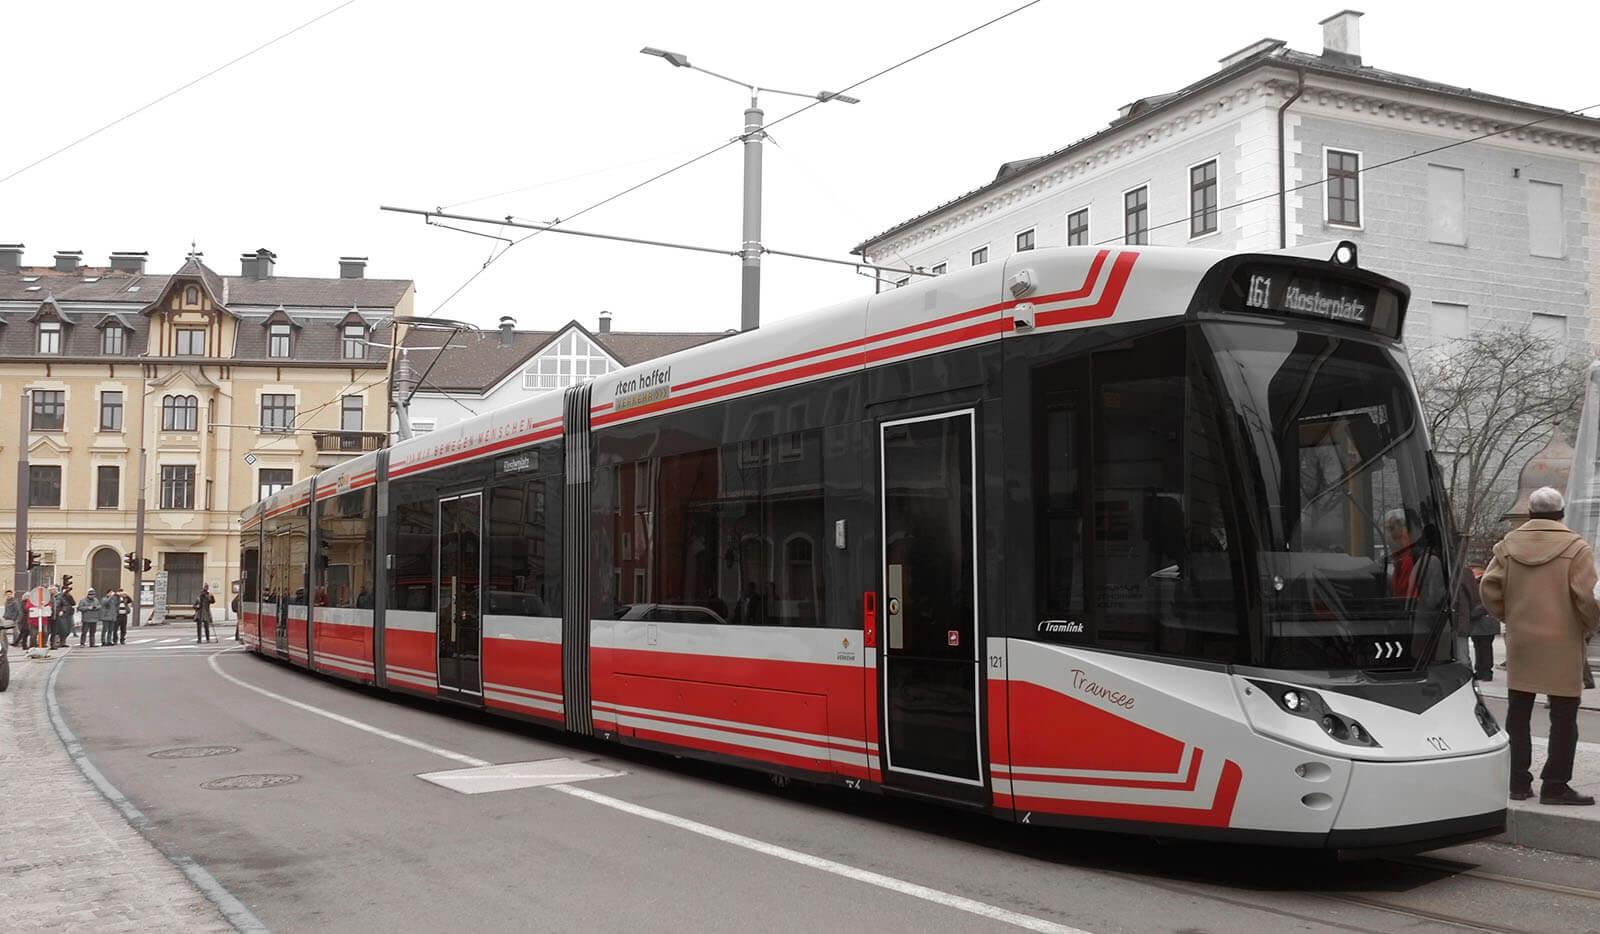 Industrial Design & Transportation Design - Döllmann Design + Architektur, Strassenbahn Gmunden, Stadler StadtRegioTram, Industrial Design, Transportation Design, modern Tram